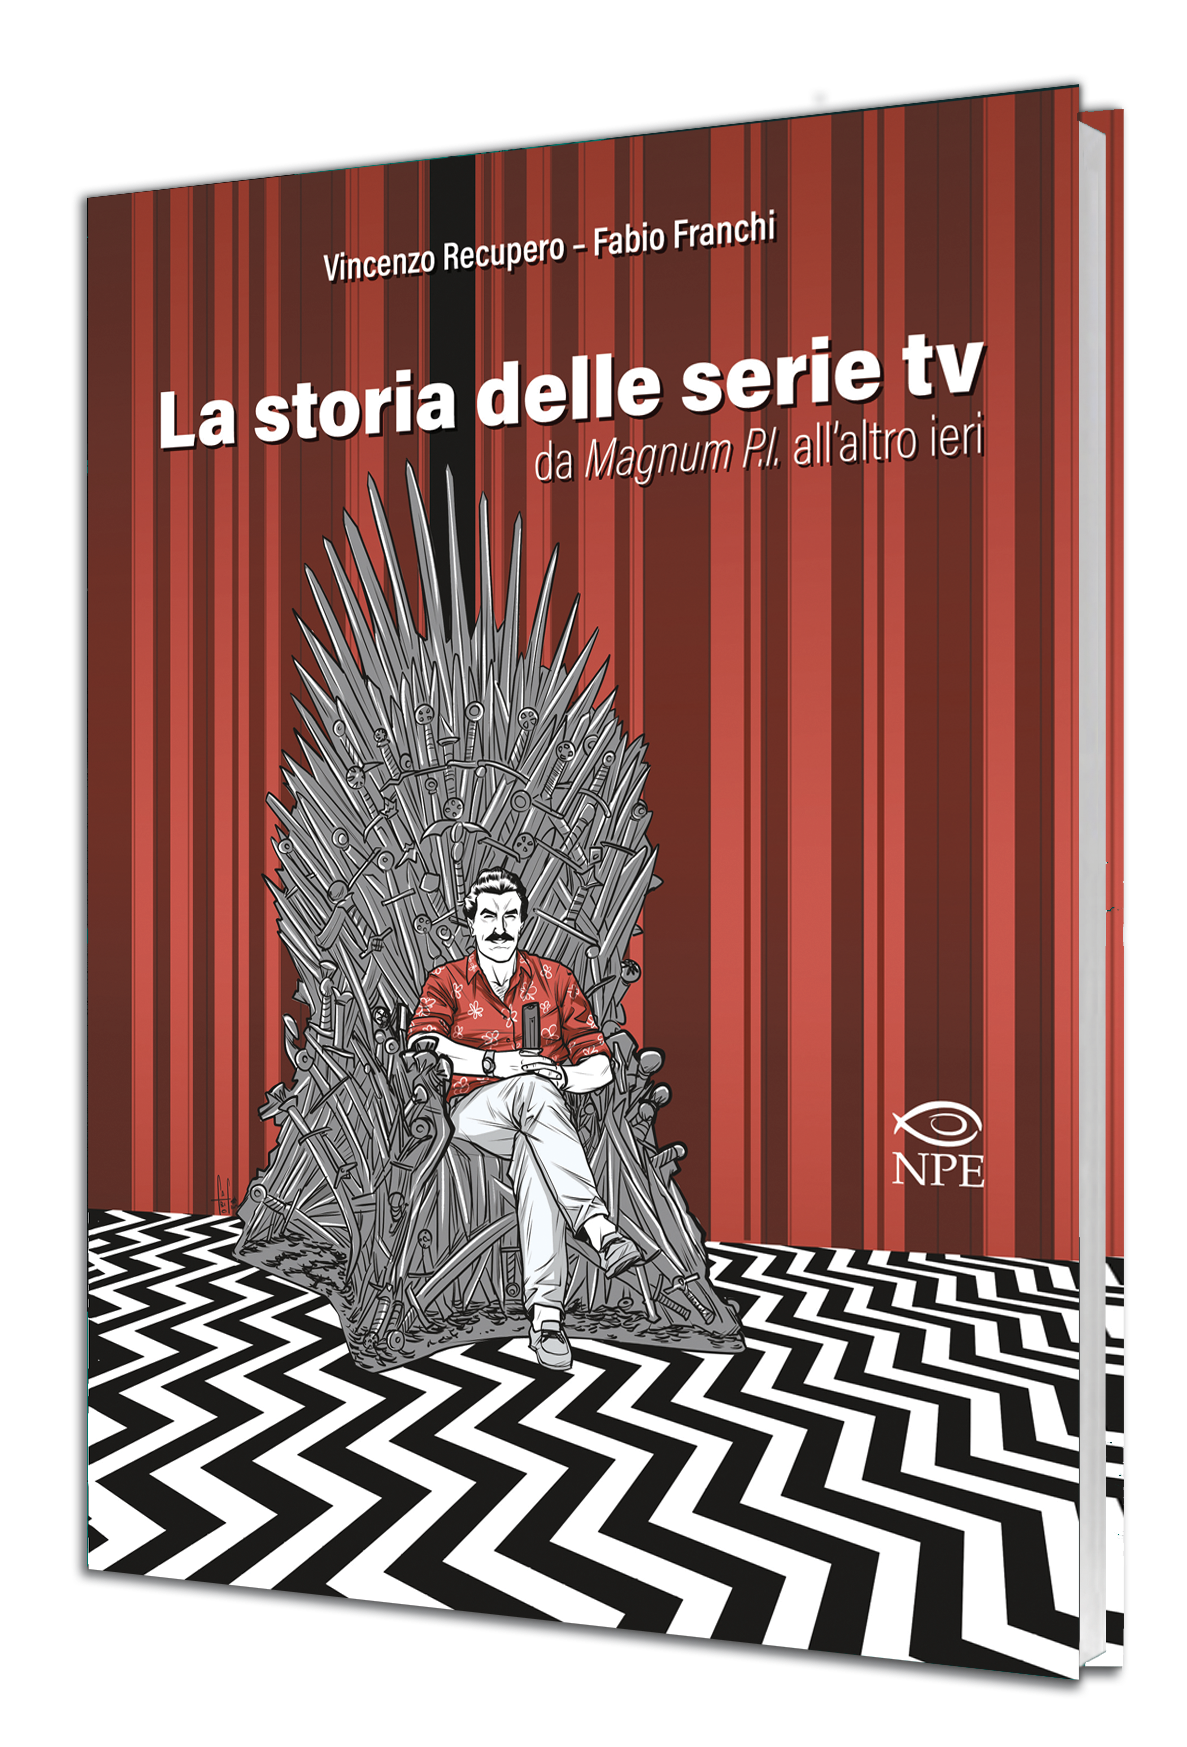 Le serie tv analizzate dal punto di vista del loro impatto sullo spettatore